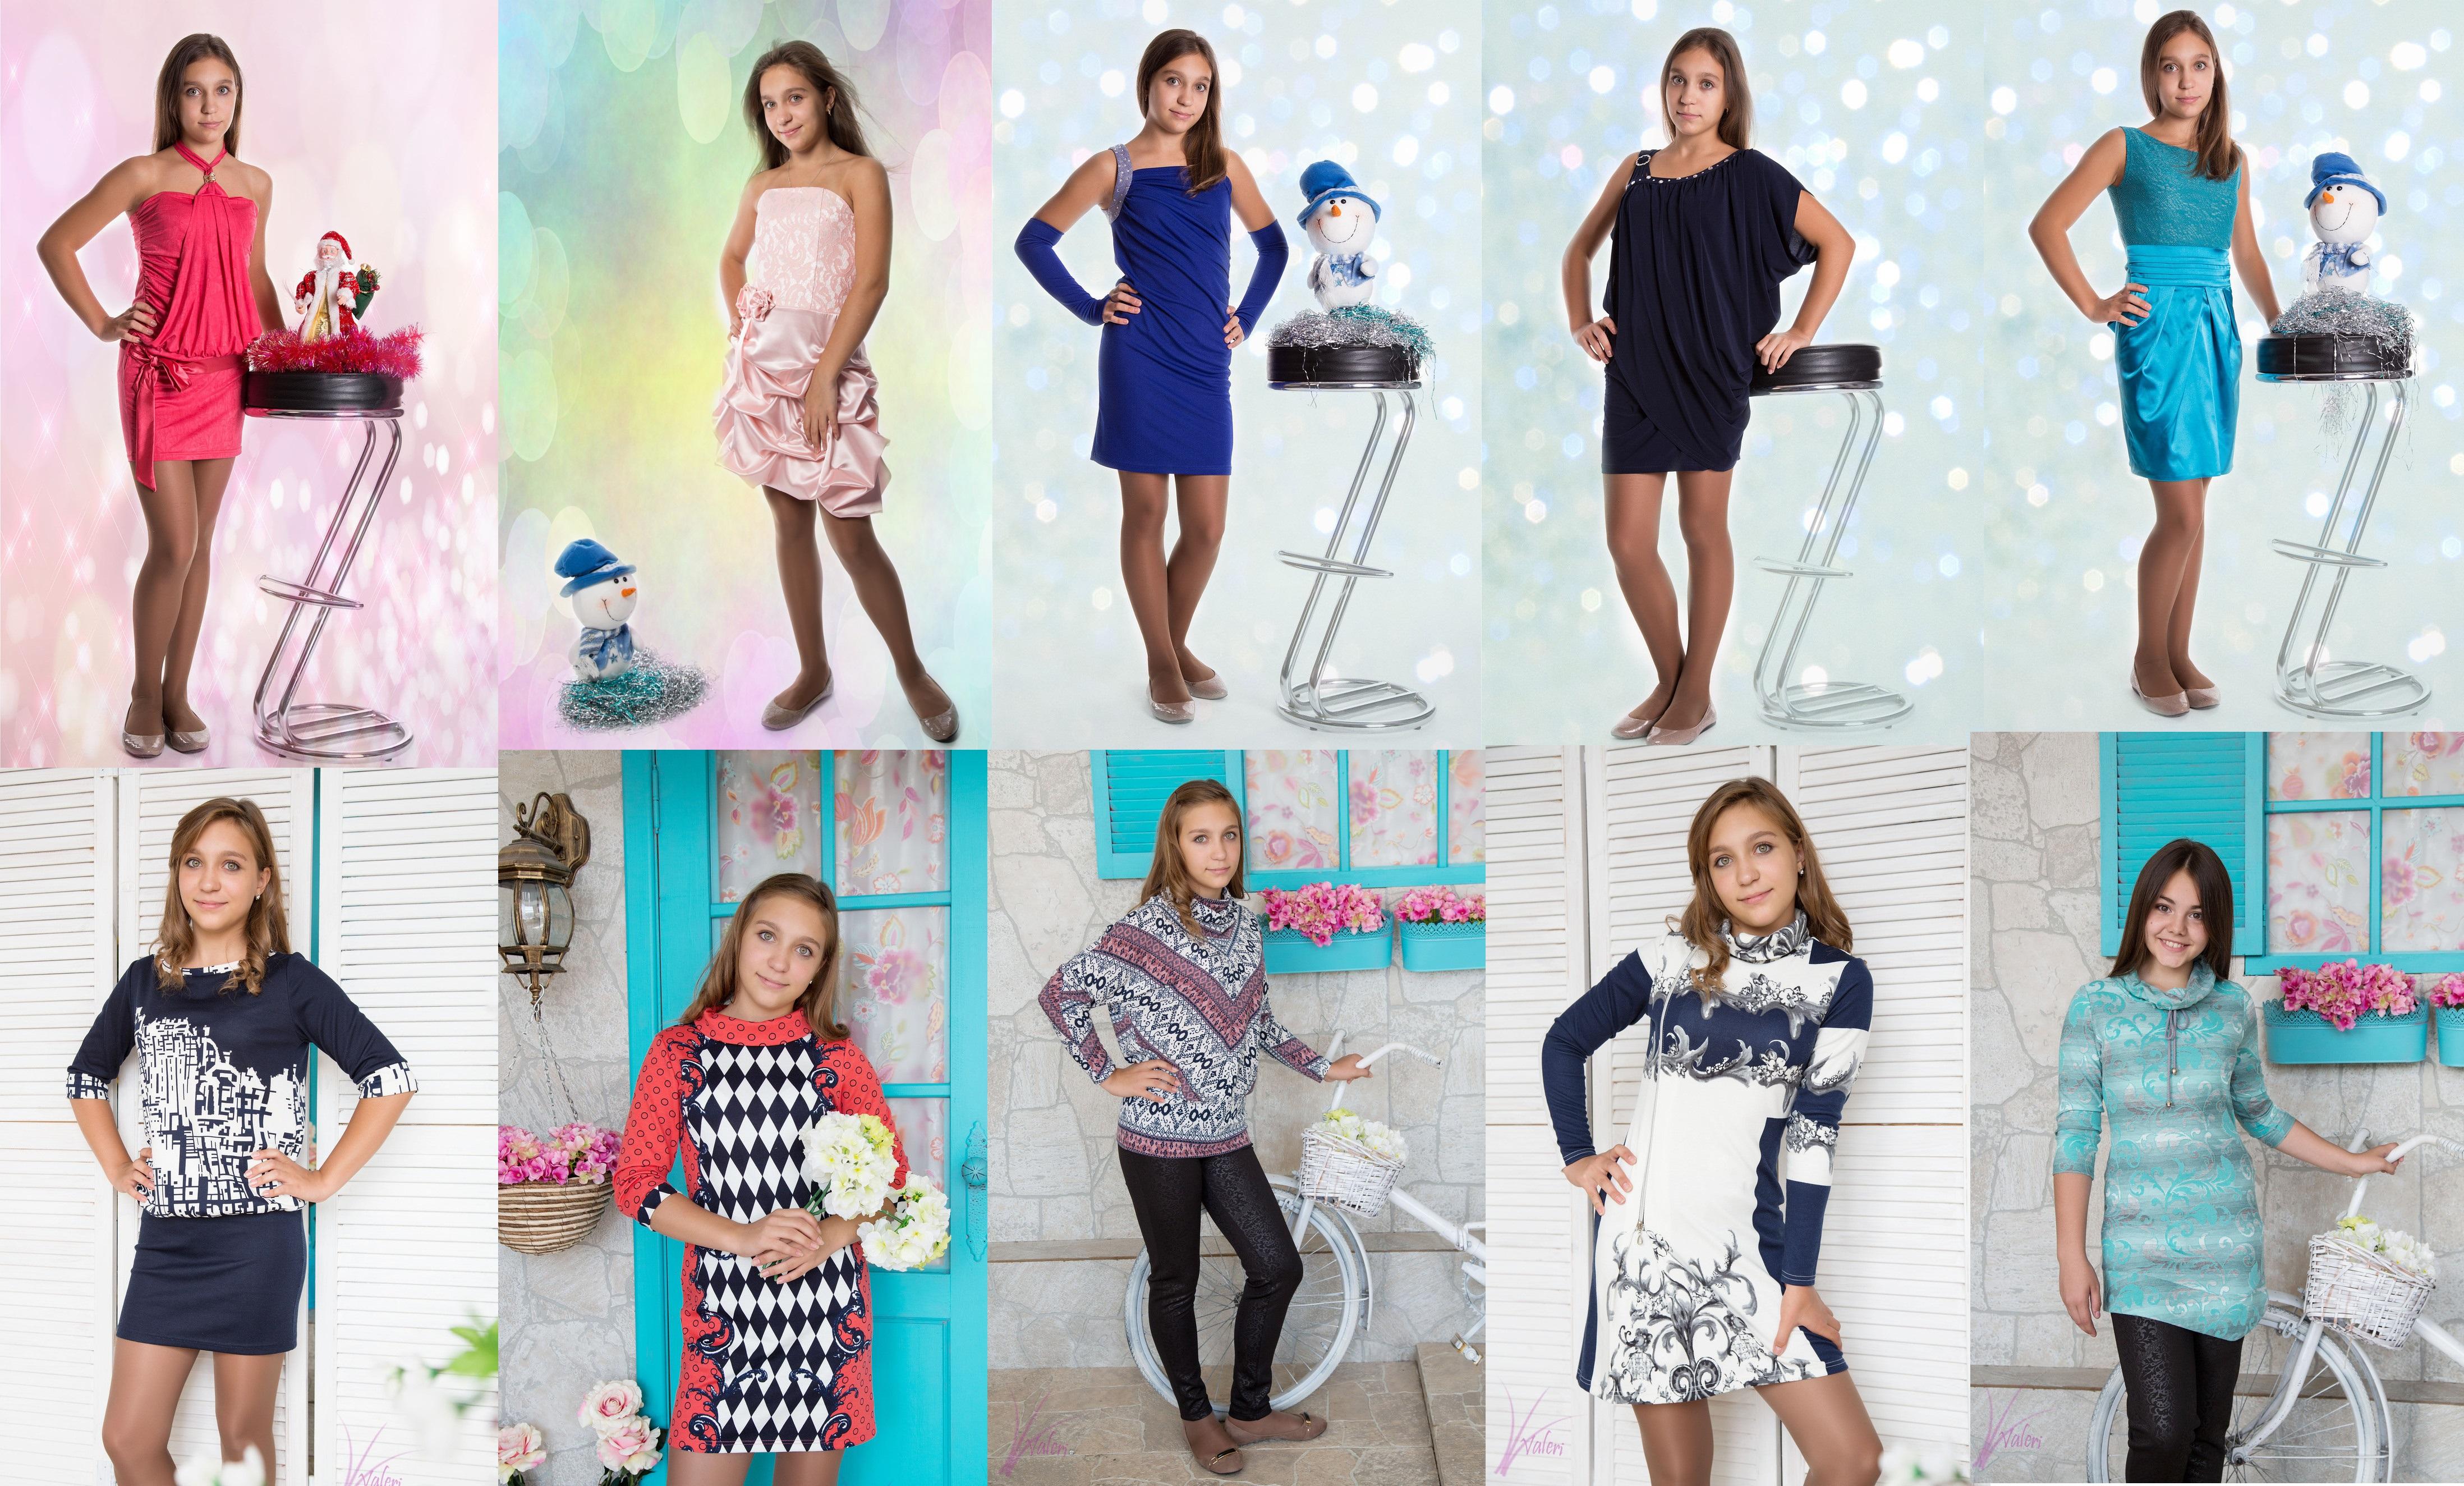 Для самых модных и стильных девочек-подростков 3! Нарядная коллекция. Школа. Размерный ряд 134-164. Без рядов!